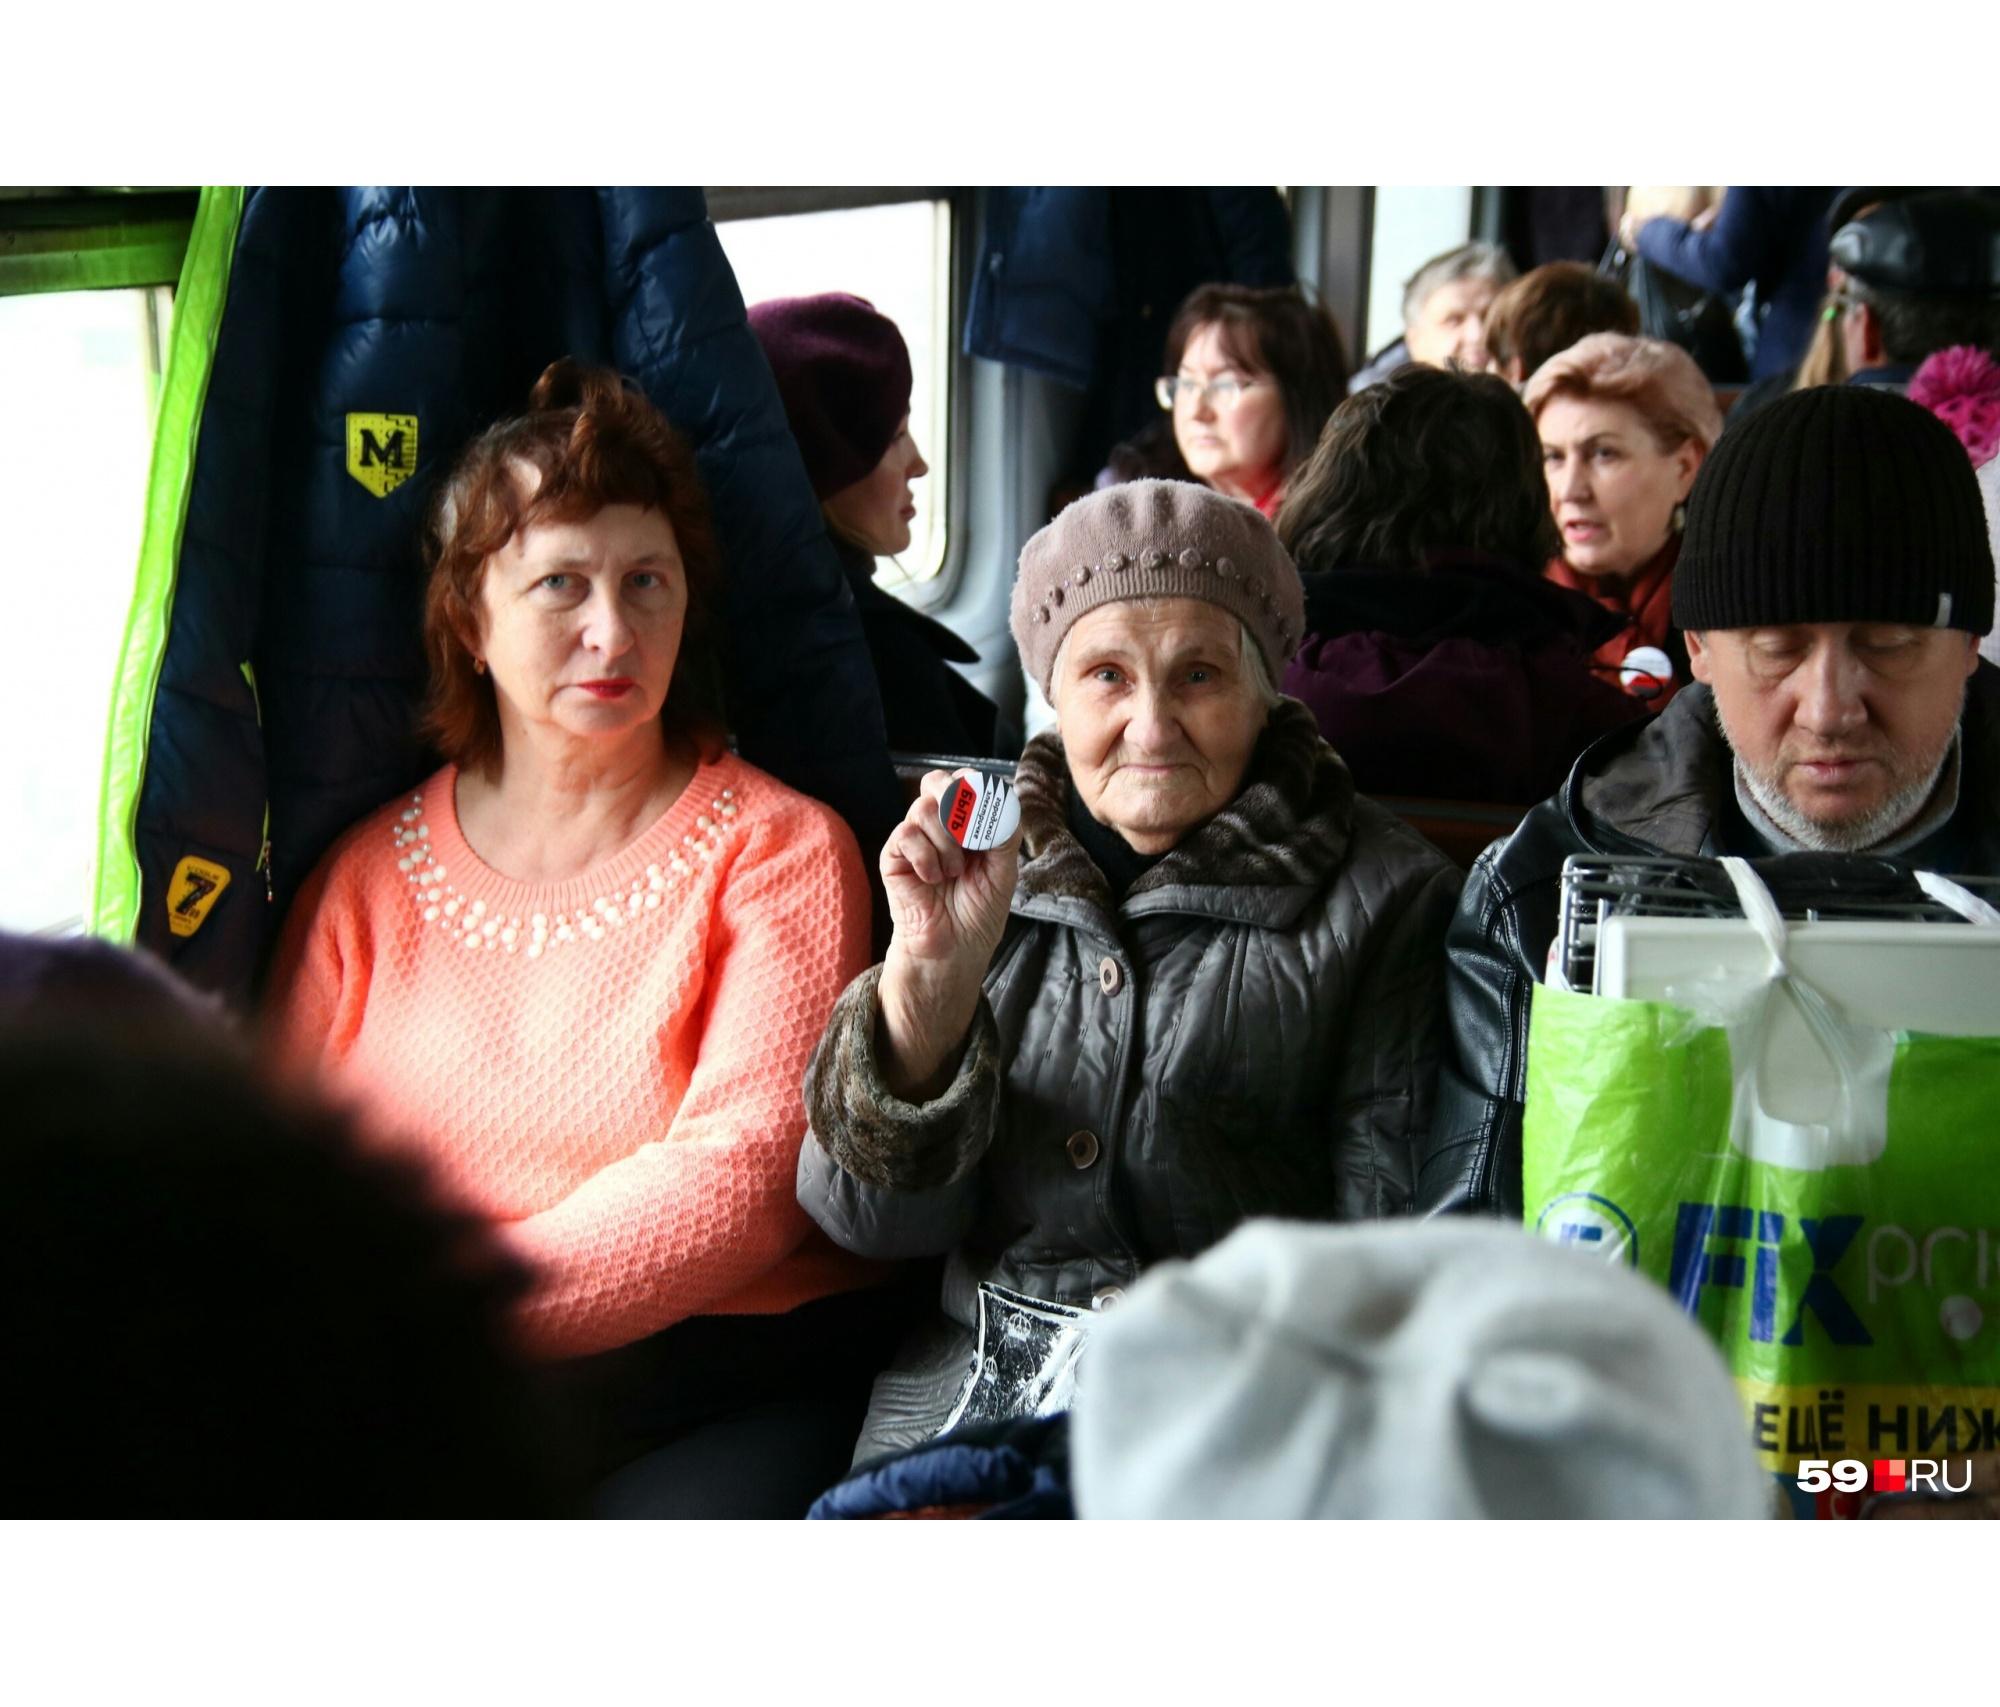 Пассажирка со значком